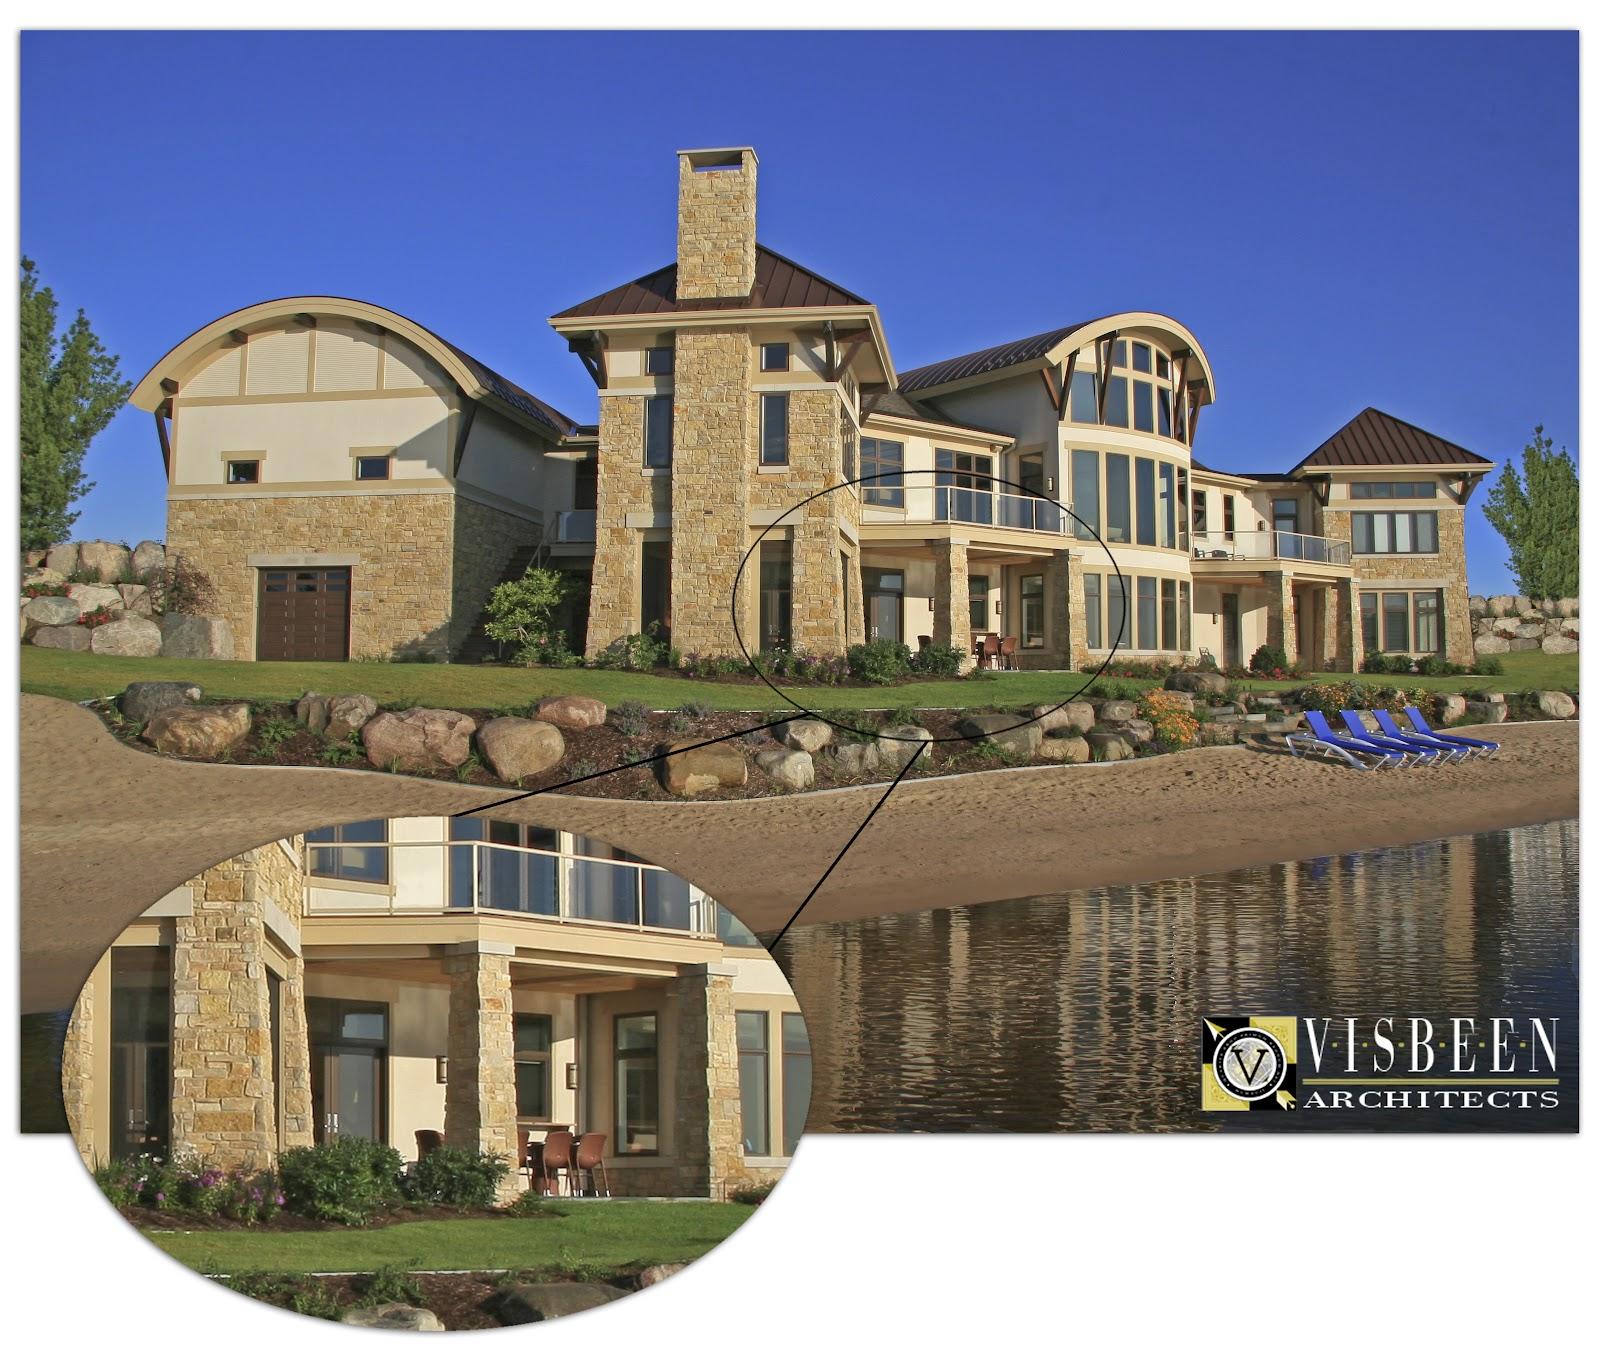 Visbeen Architects: Visbeen Architects: Architectural Tutorial: Battered Walls